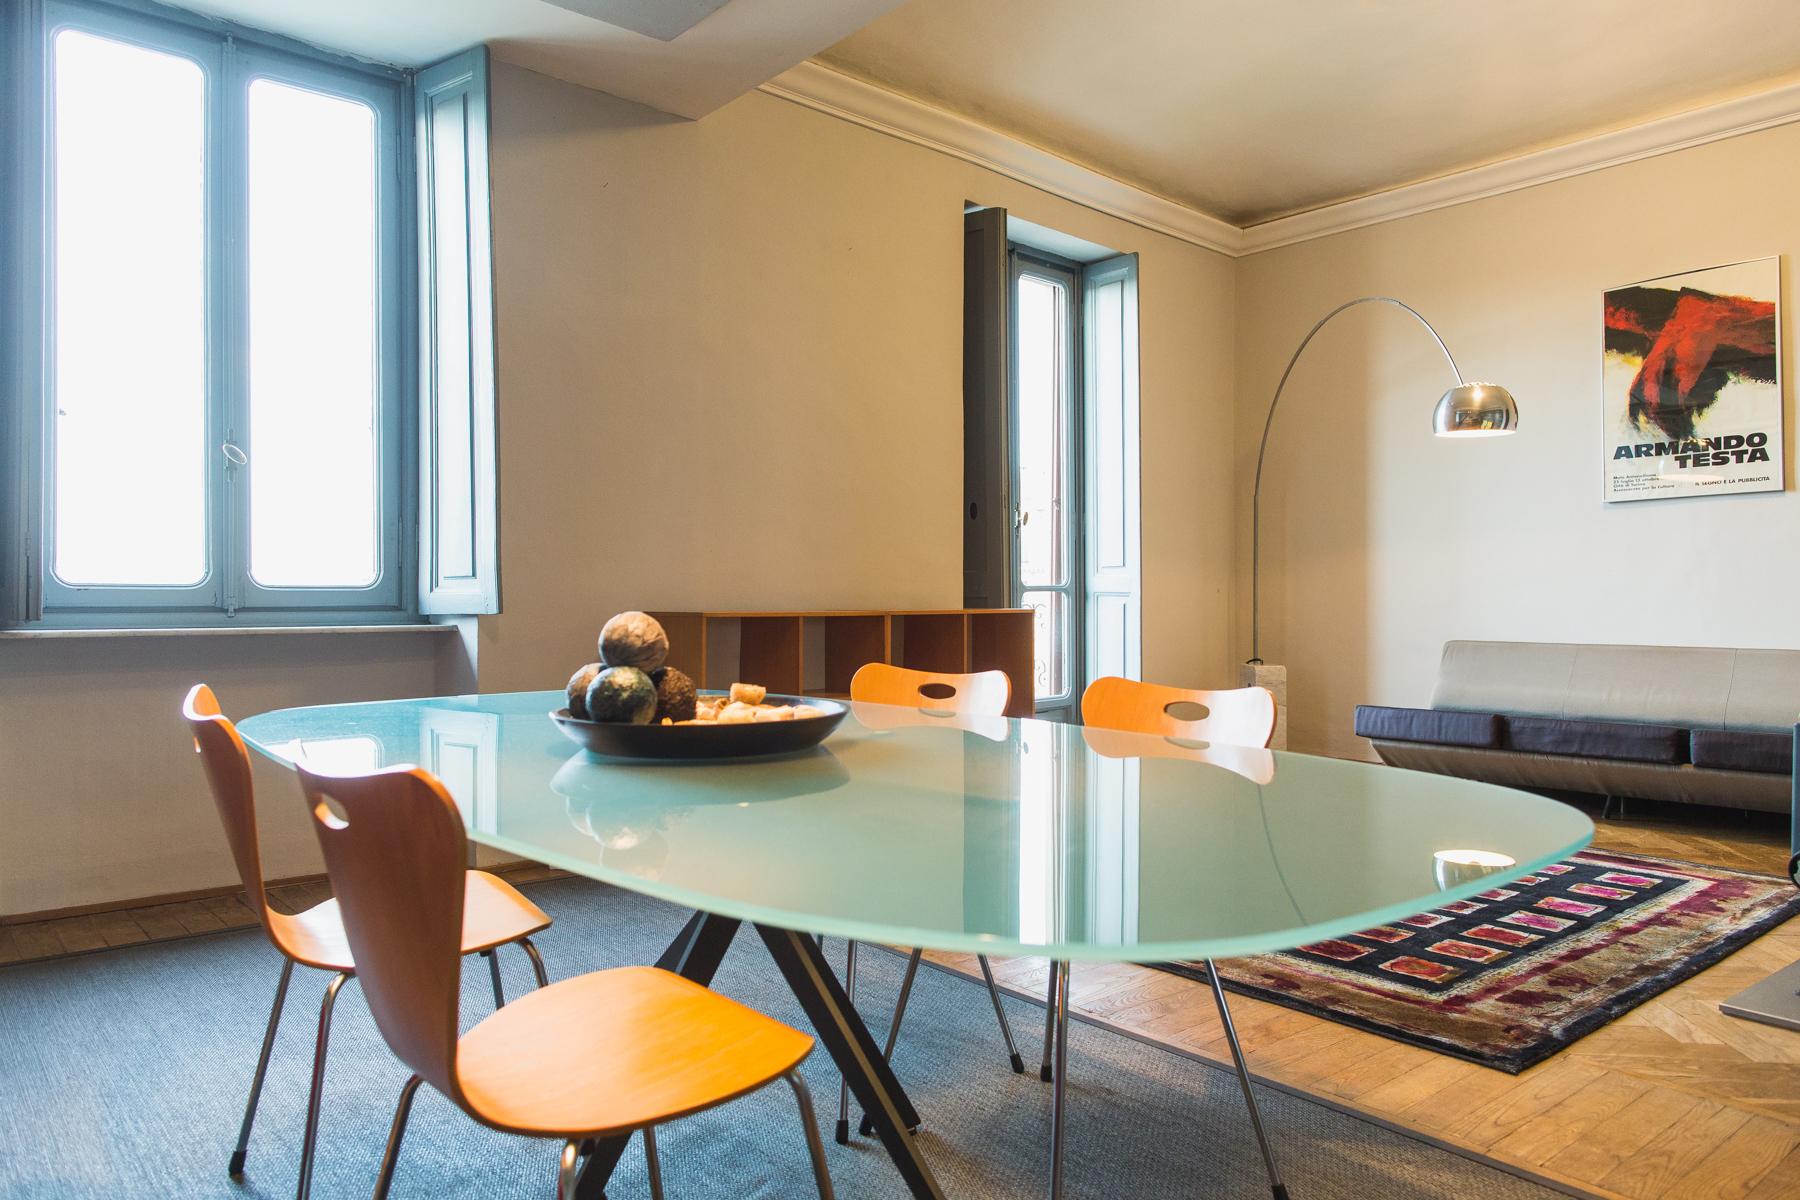 Appartamento in Vendita a Torino: 4 locali, 110 mq - Foto 3